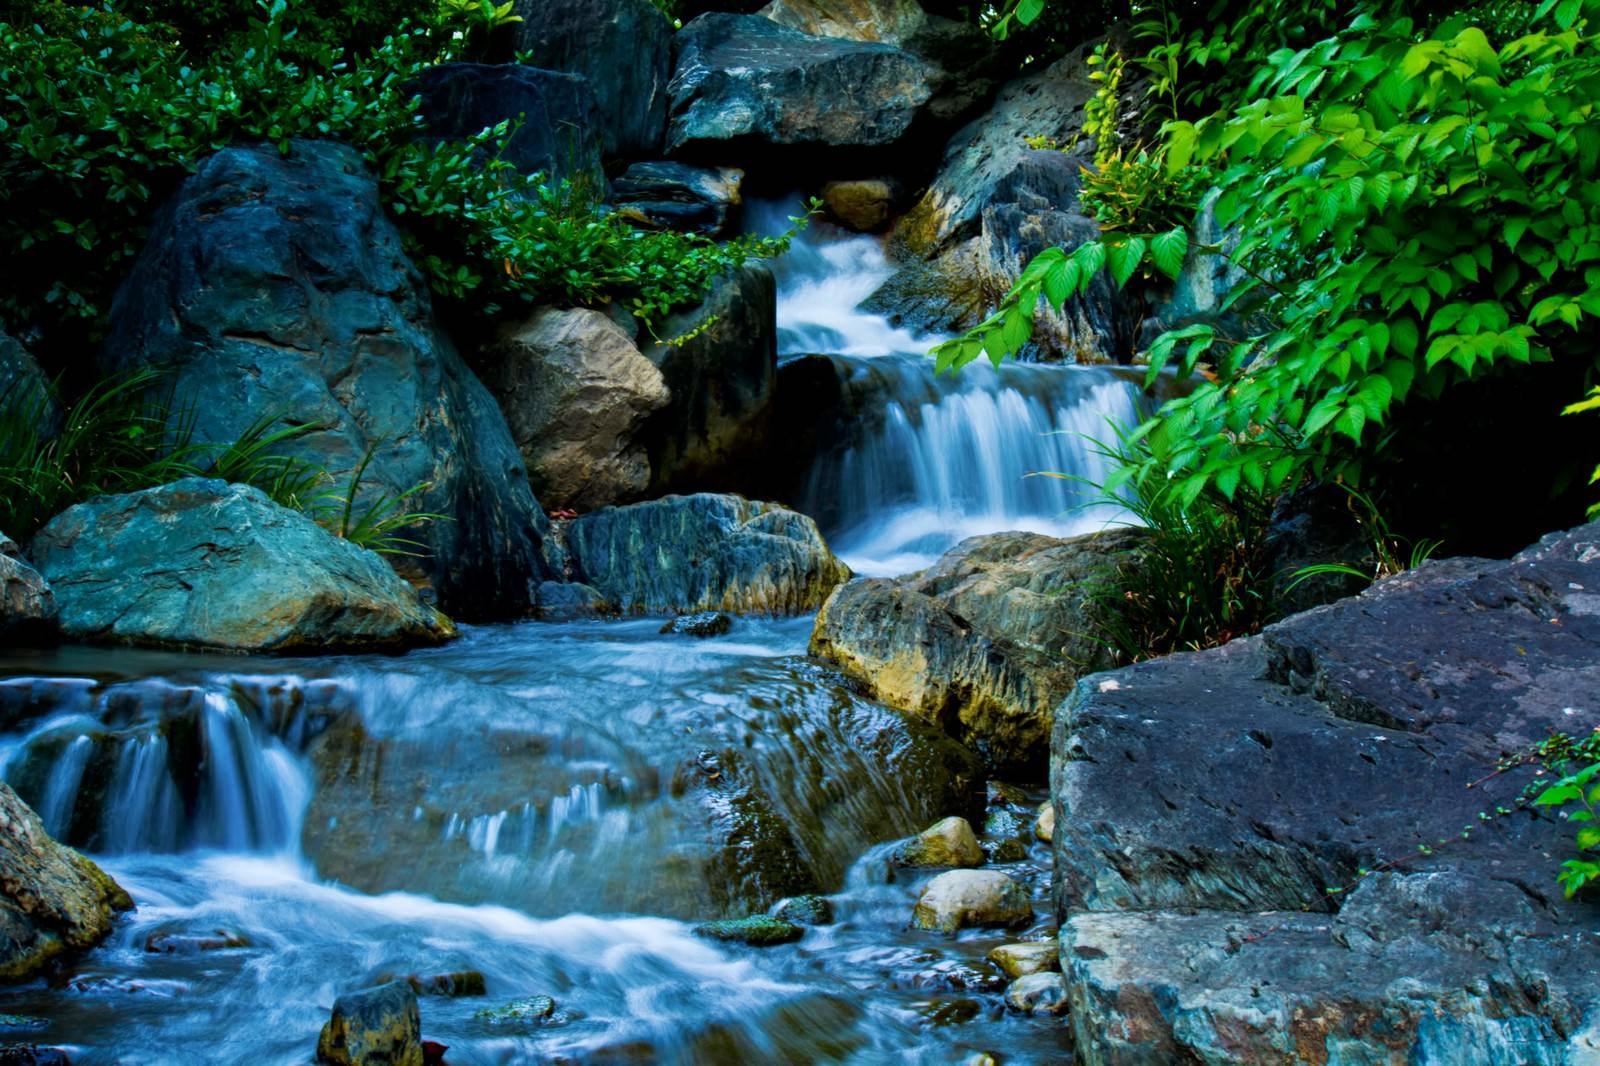 「水の流れる小川の様子」の写真